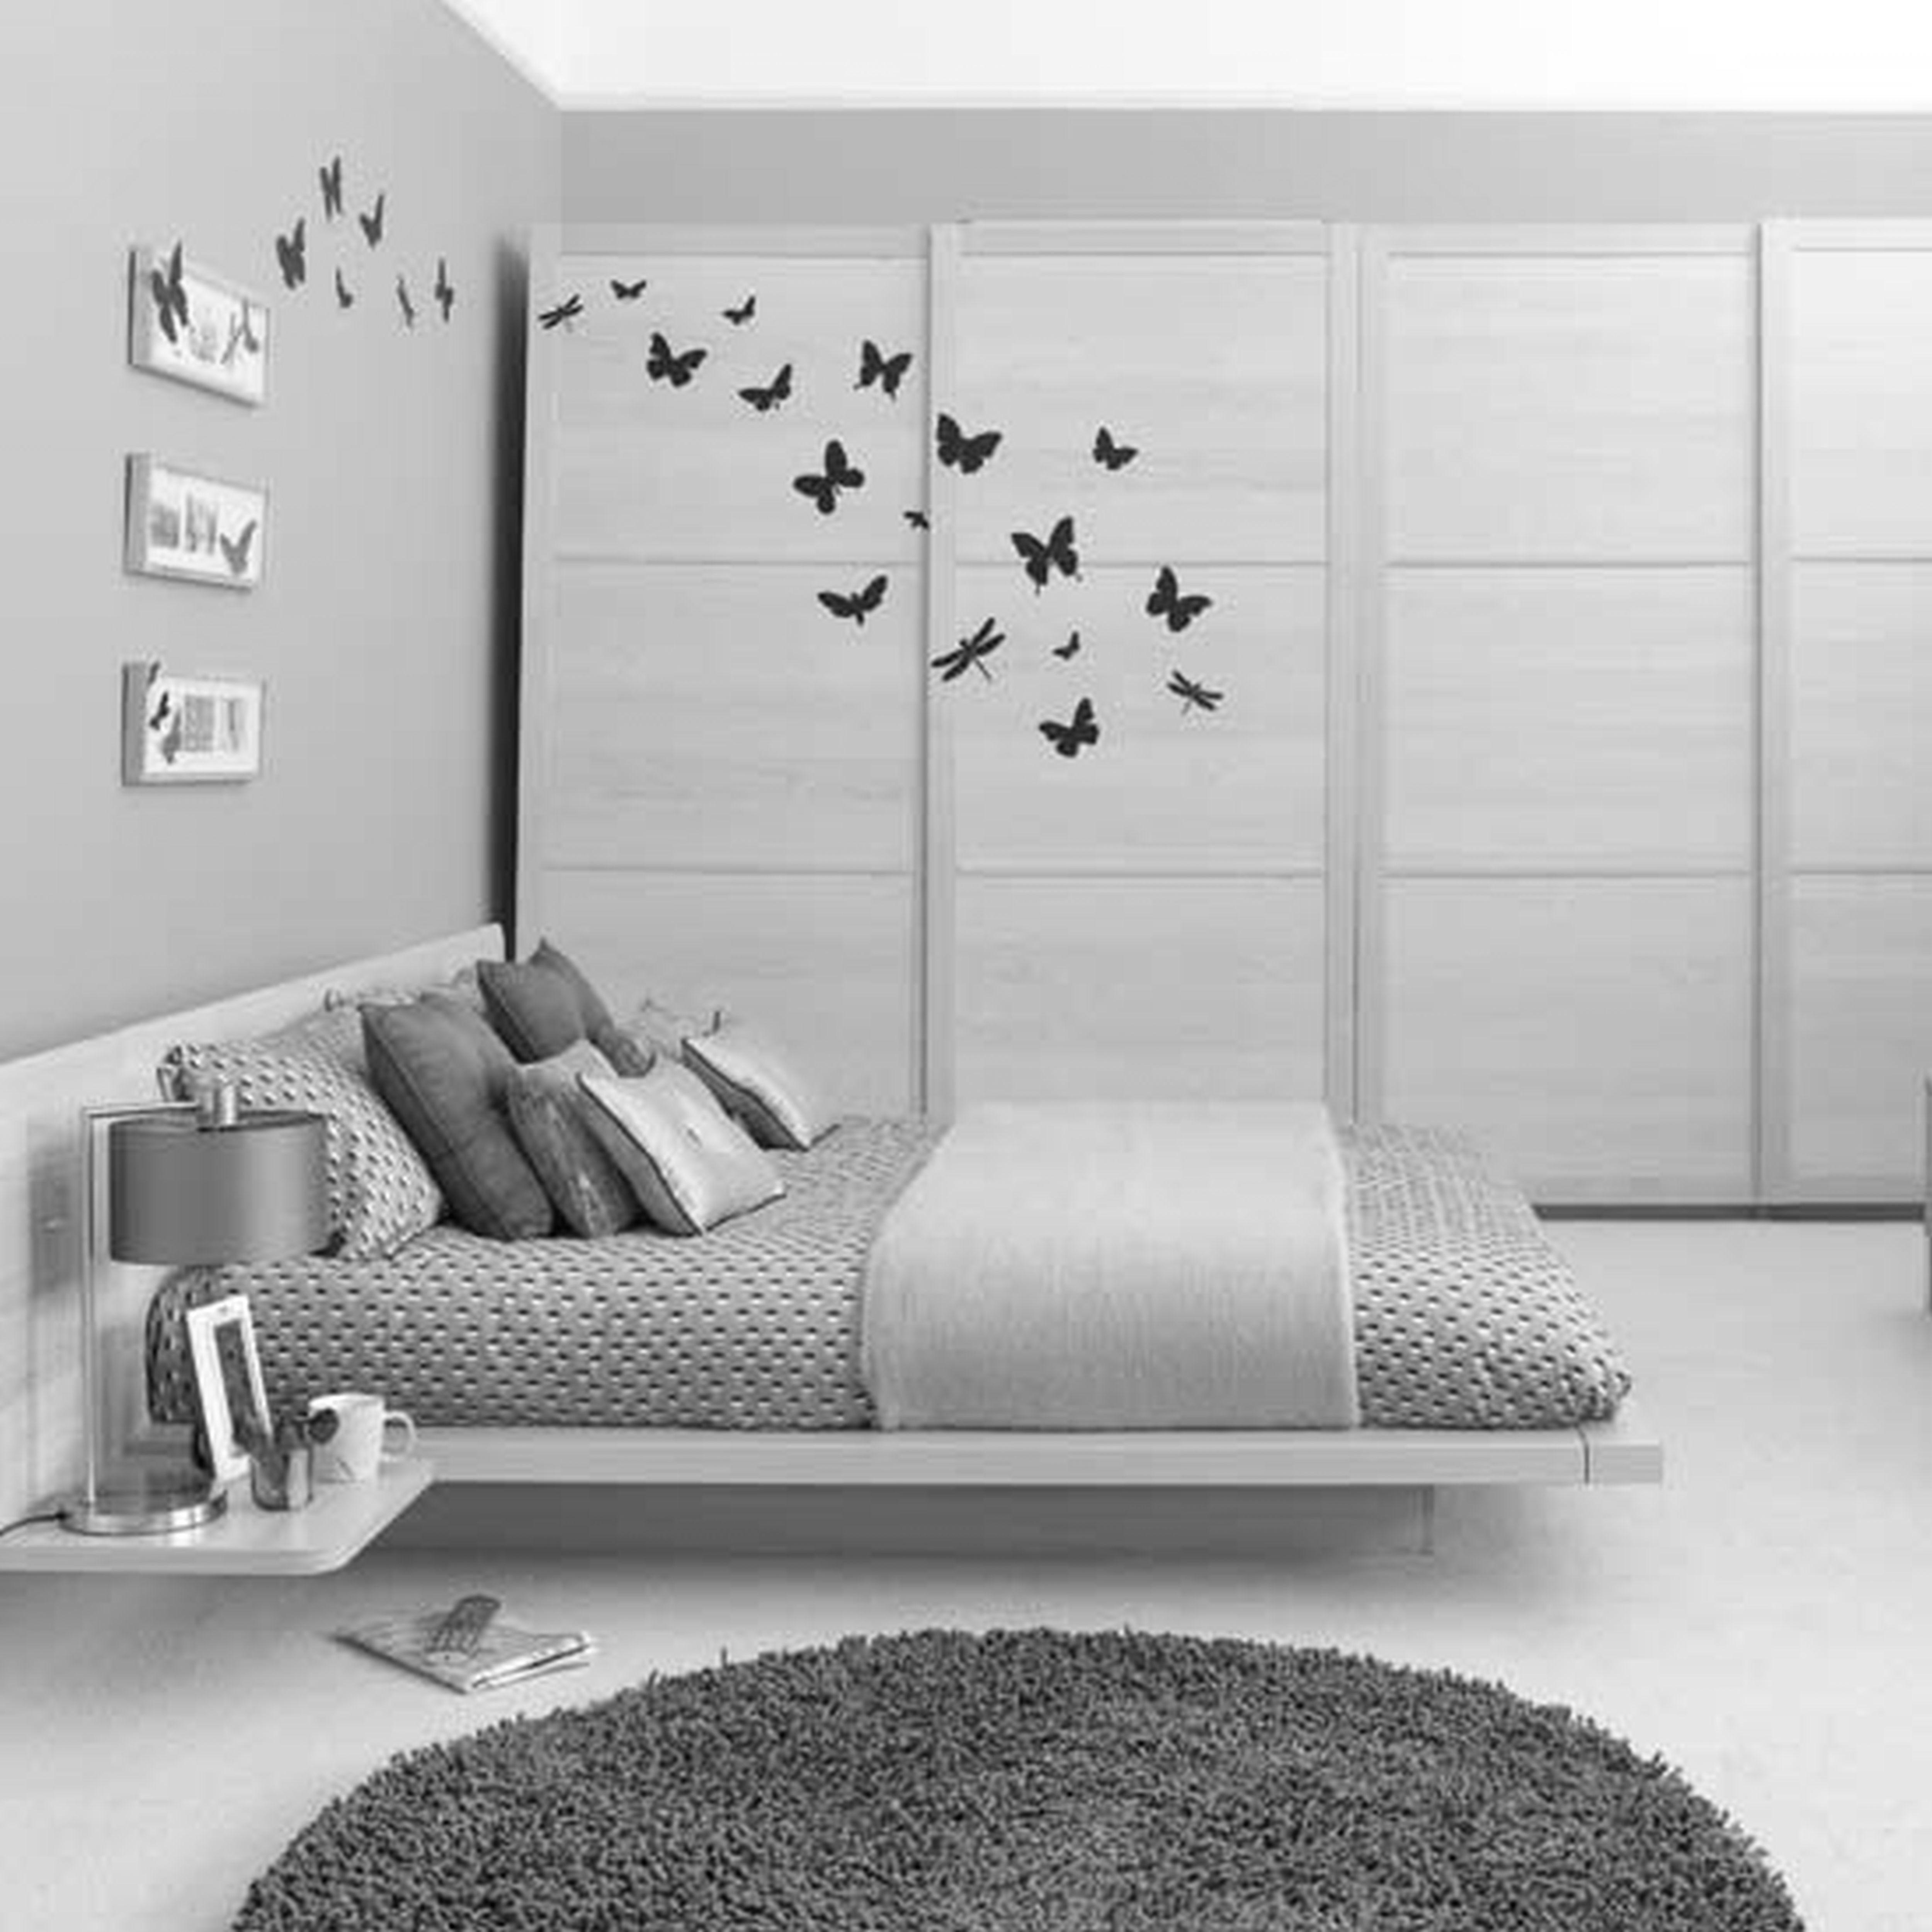 Entzuckend Neue Weiß Schlafzimmer Farbschemata, Die Auf Budget, Wunderbar Zu Home  Interior Ideen Für Schlafzimmer